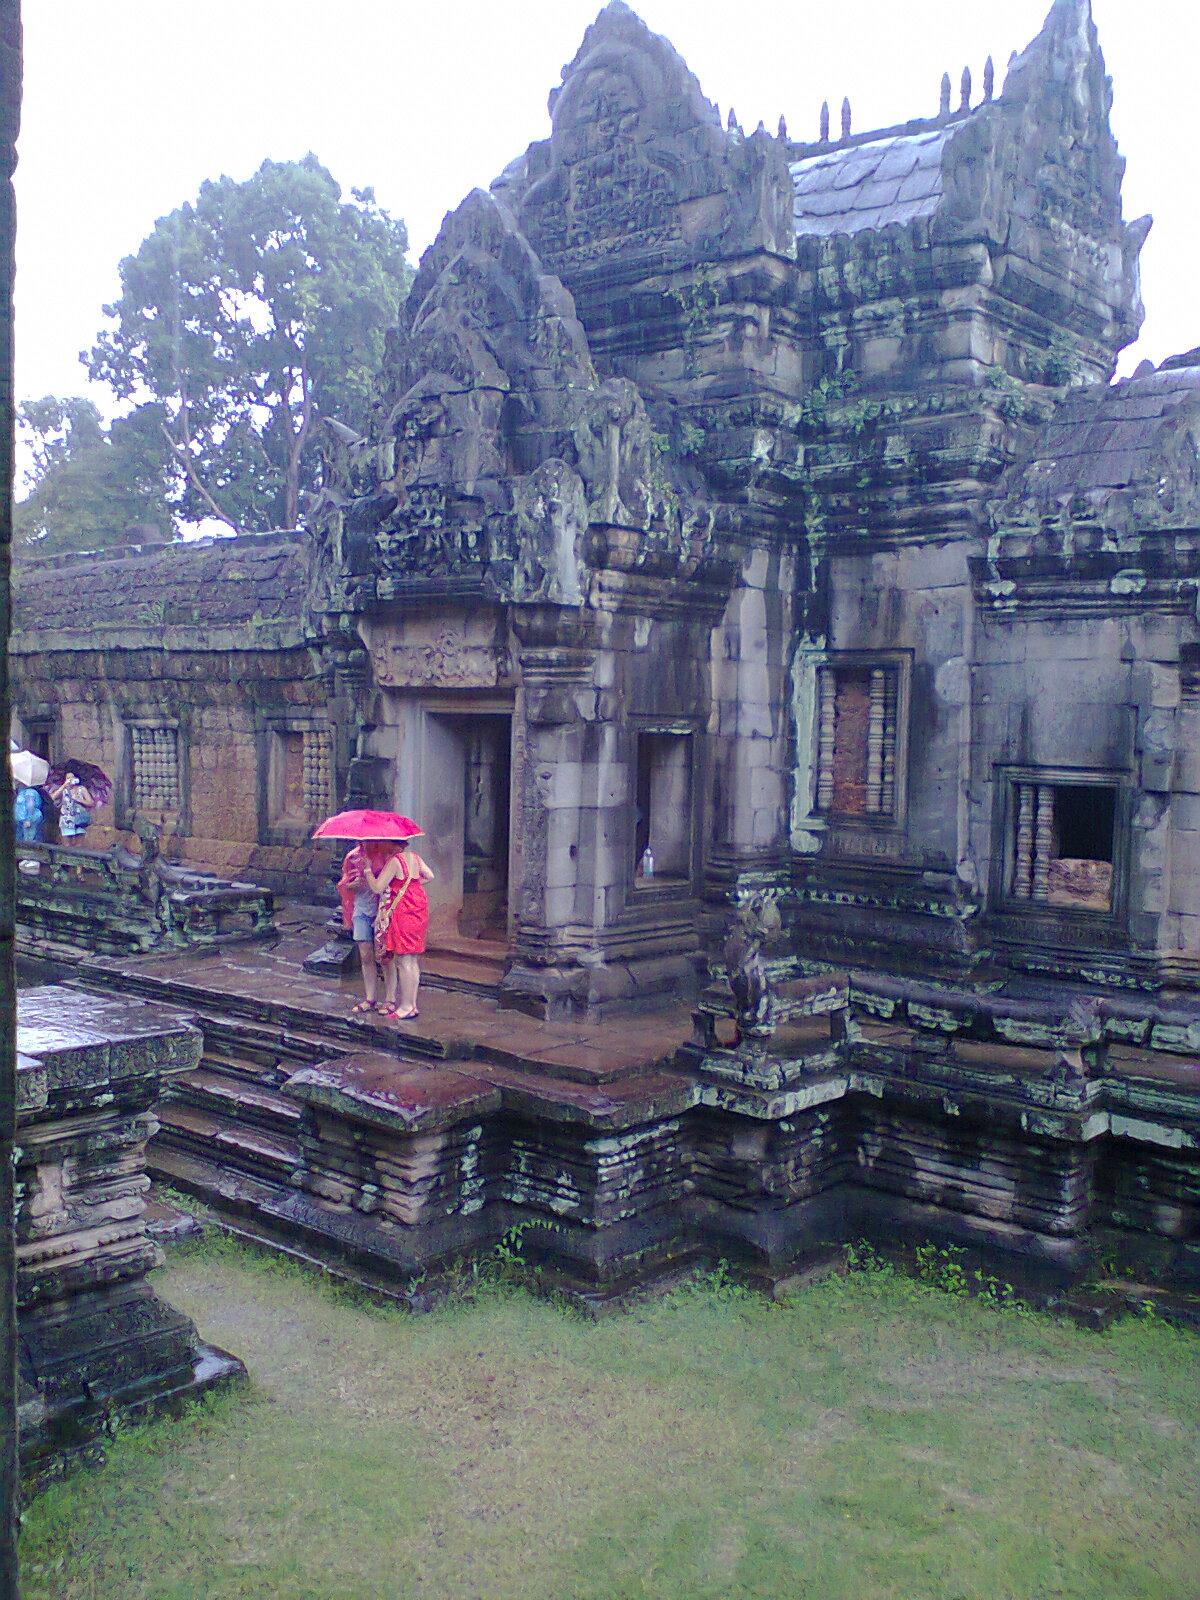 Llueve y el paraguas y su vestido rojo de una compañera de viaje  dan un tque de color